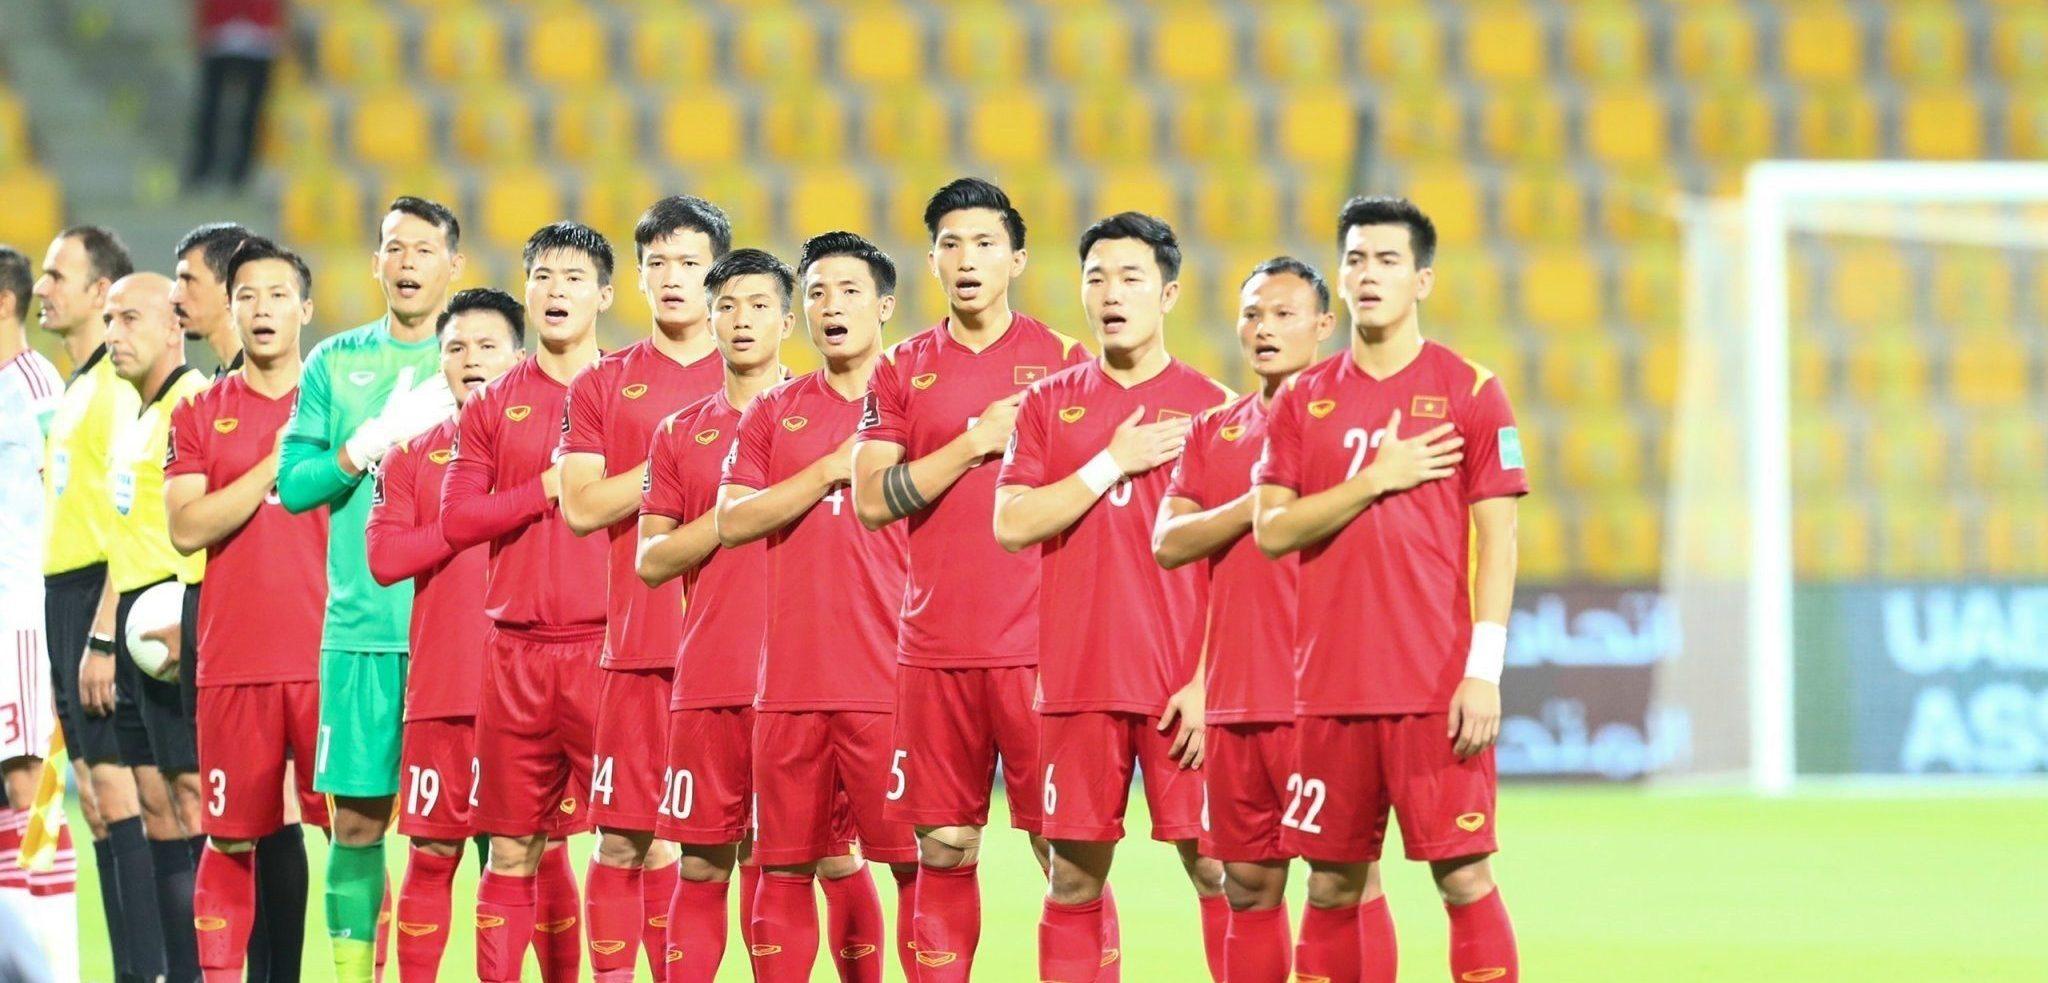 Cơ hội đoạt vé đi tiếp của đội tuyển Việt Nam còn lại bao nhiêu?